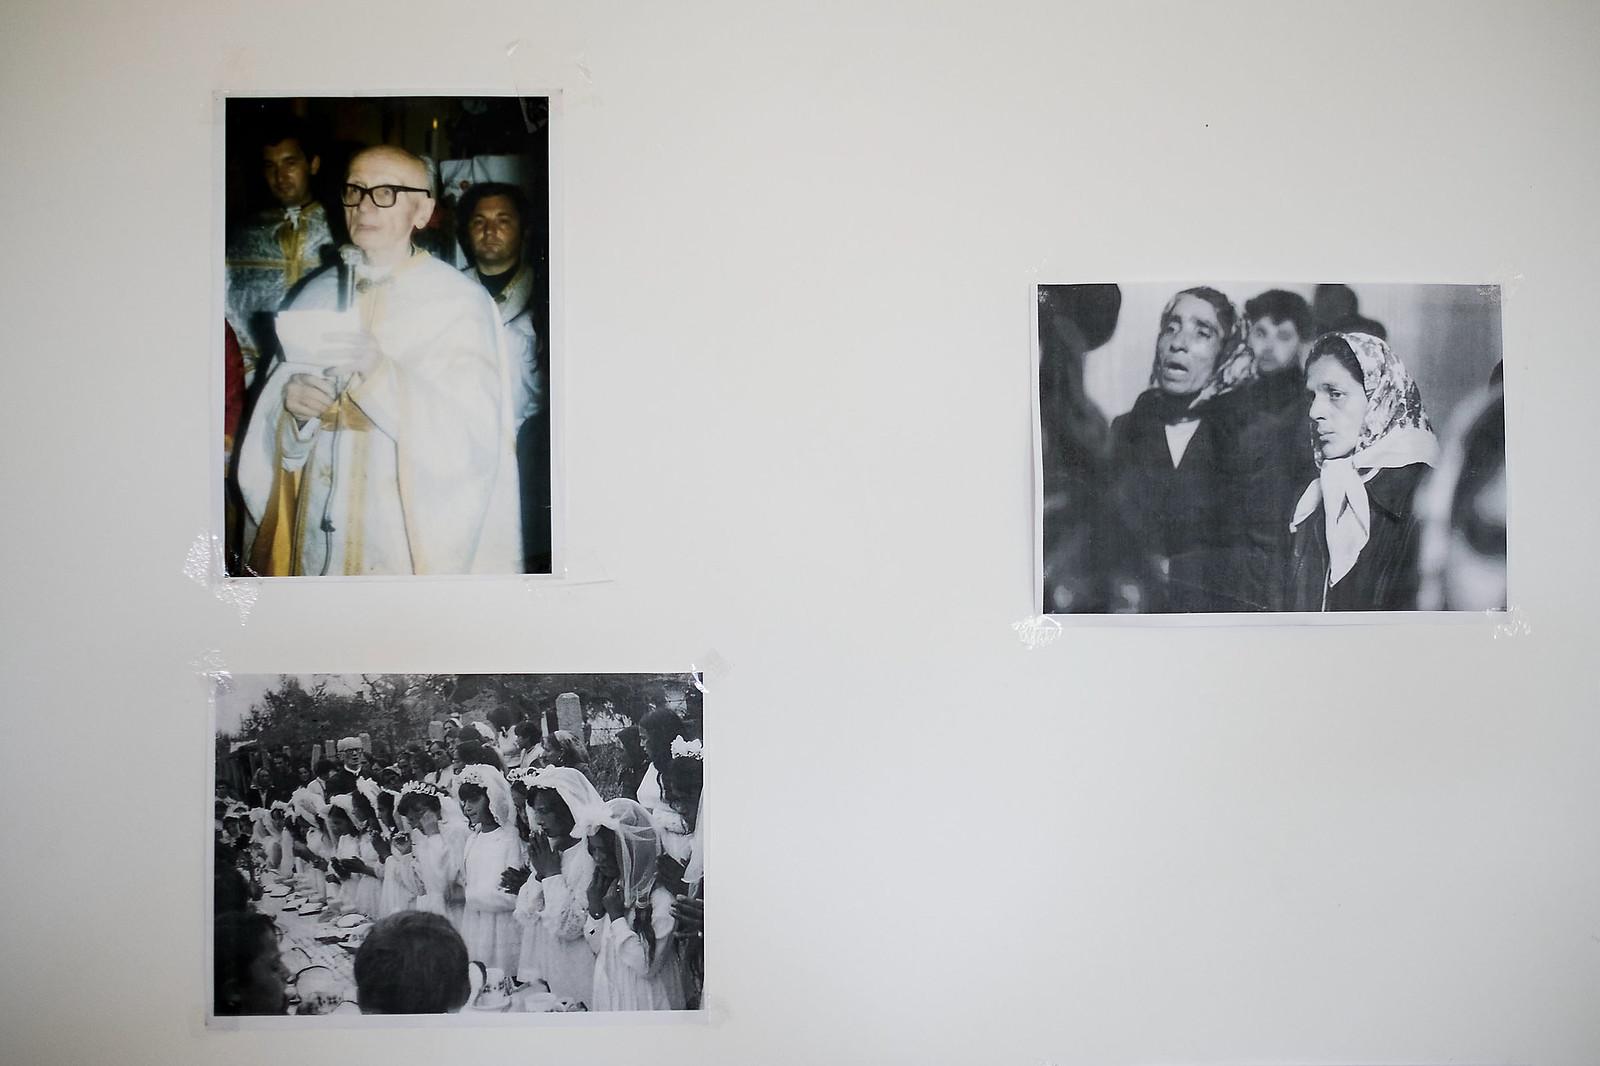 Sója Miklós atya és régi képek a falon Hodászon a templom melletti közösségi térben | Fotó: Magócsi Márton